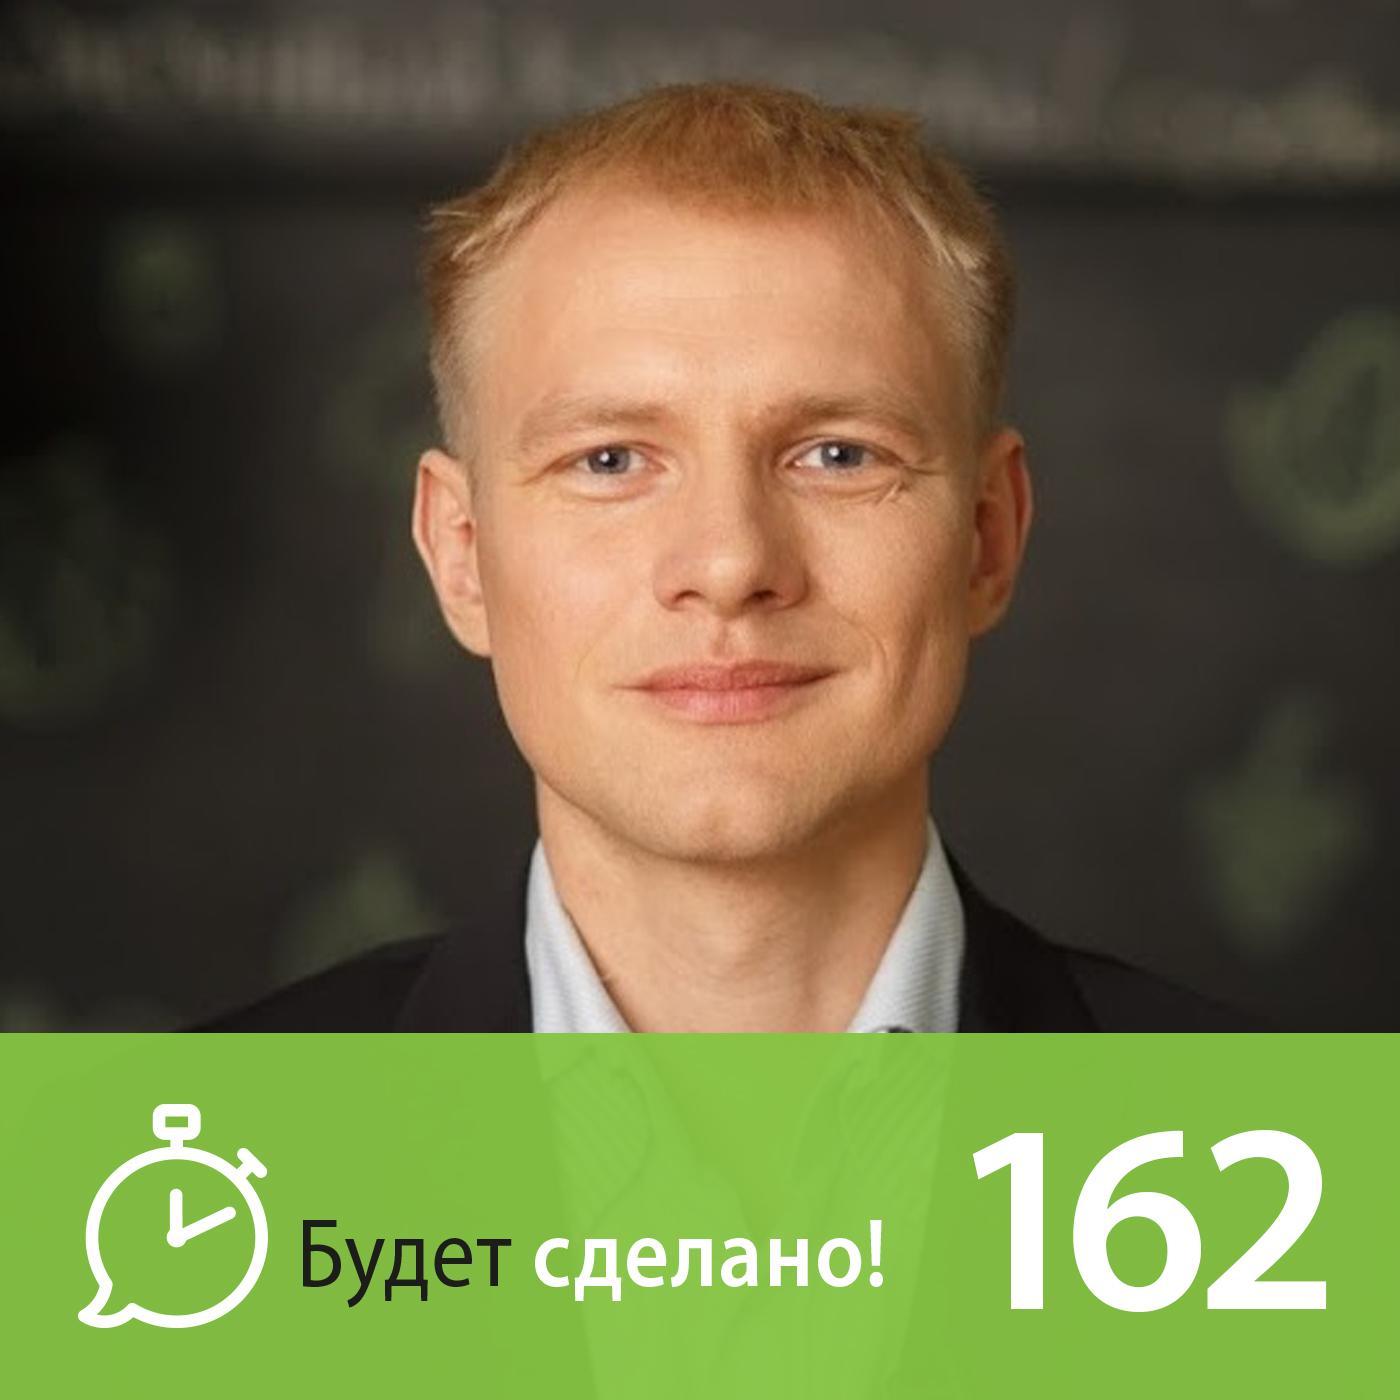 БС162 Андрей Беловешкин: Воля к здоровью